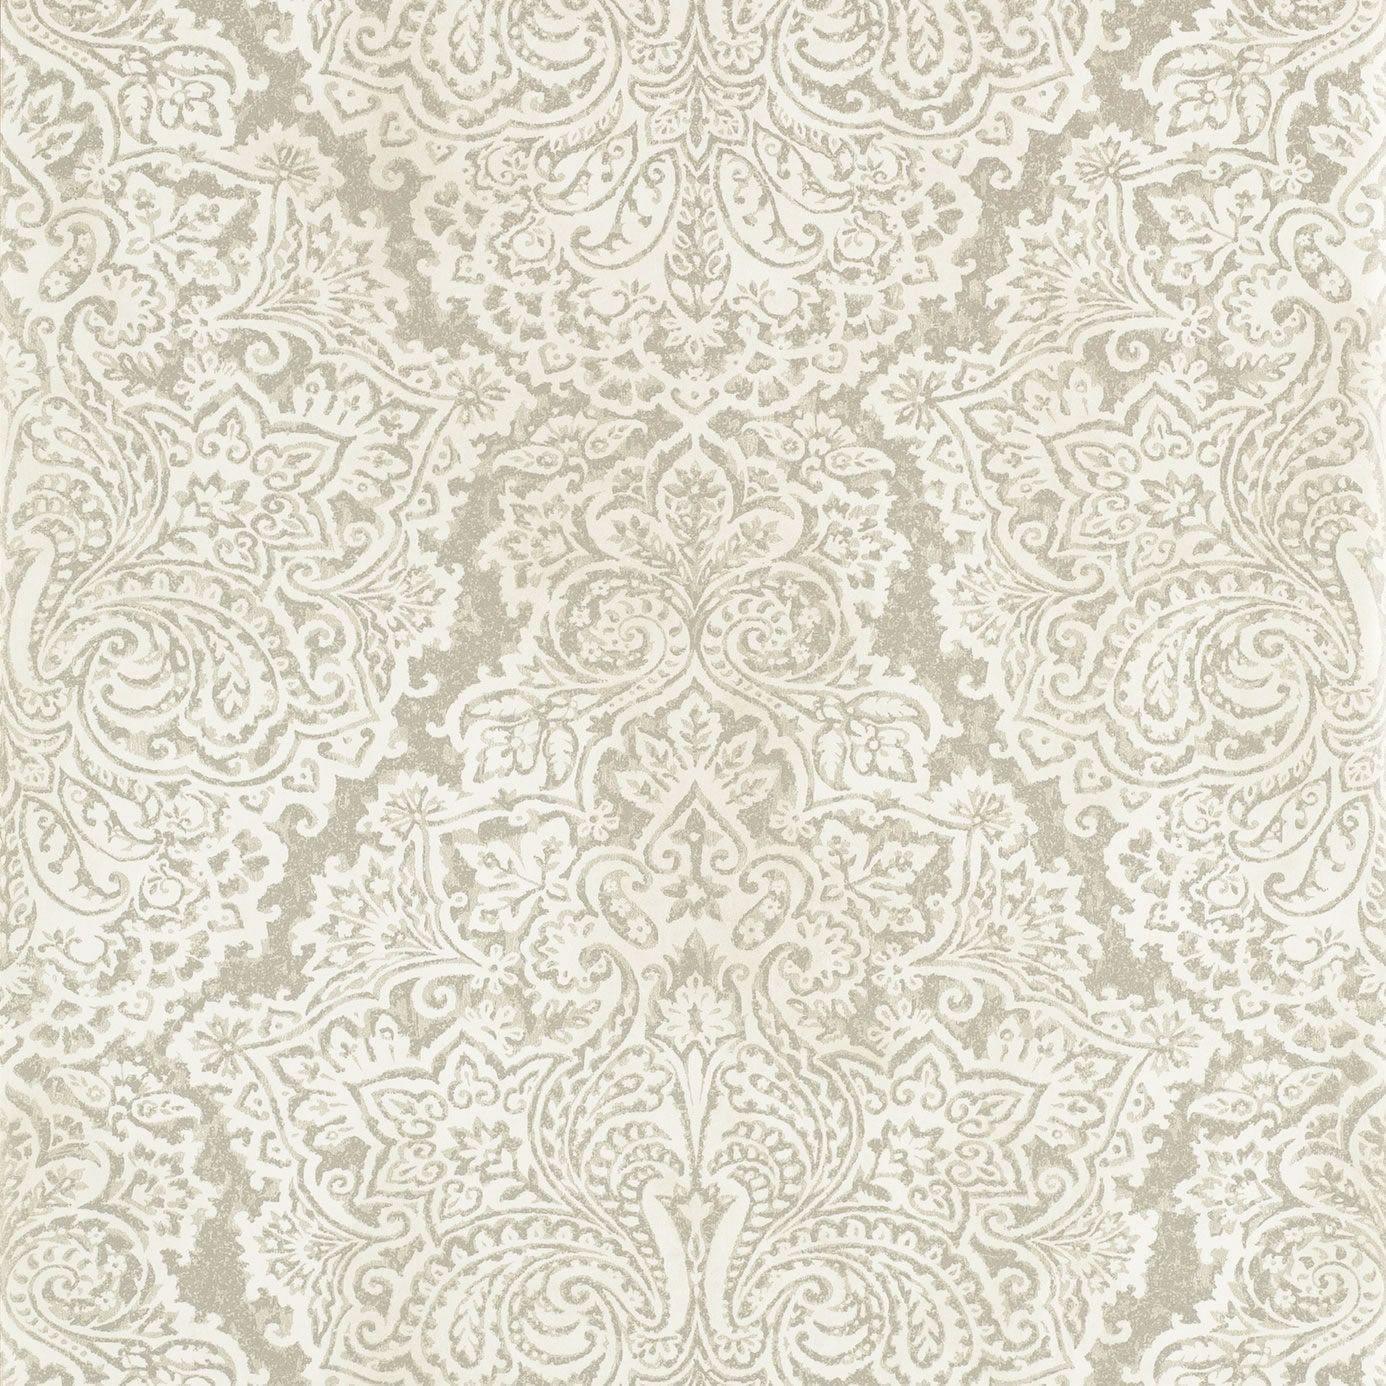 Home White Gold   110640   Aurelia   Leonida   Harlequin Wallpaper 1386x1386